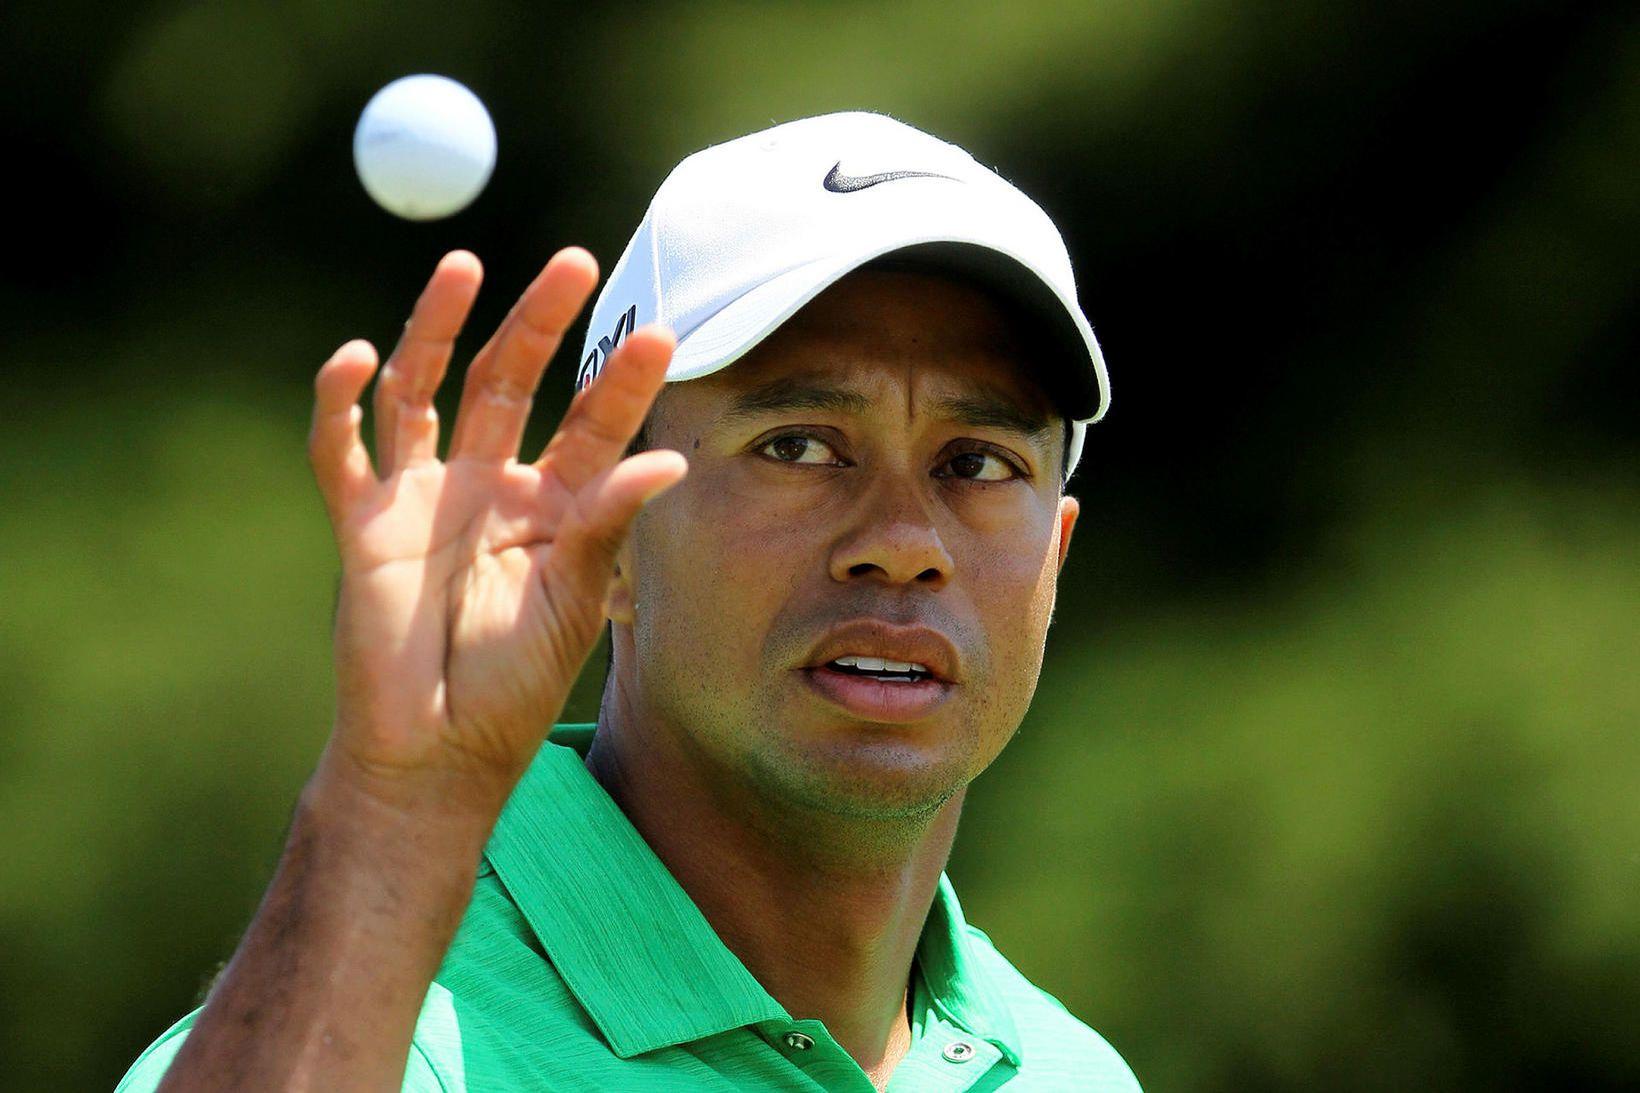 Tiger Woods hefur gengist undir aðgerðir á sjúkrahúsi eftir bílslys …